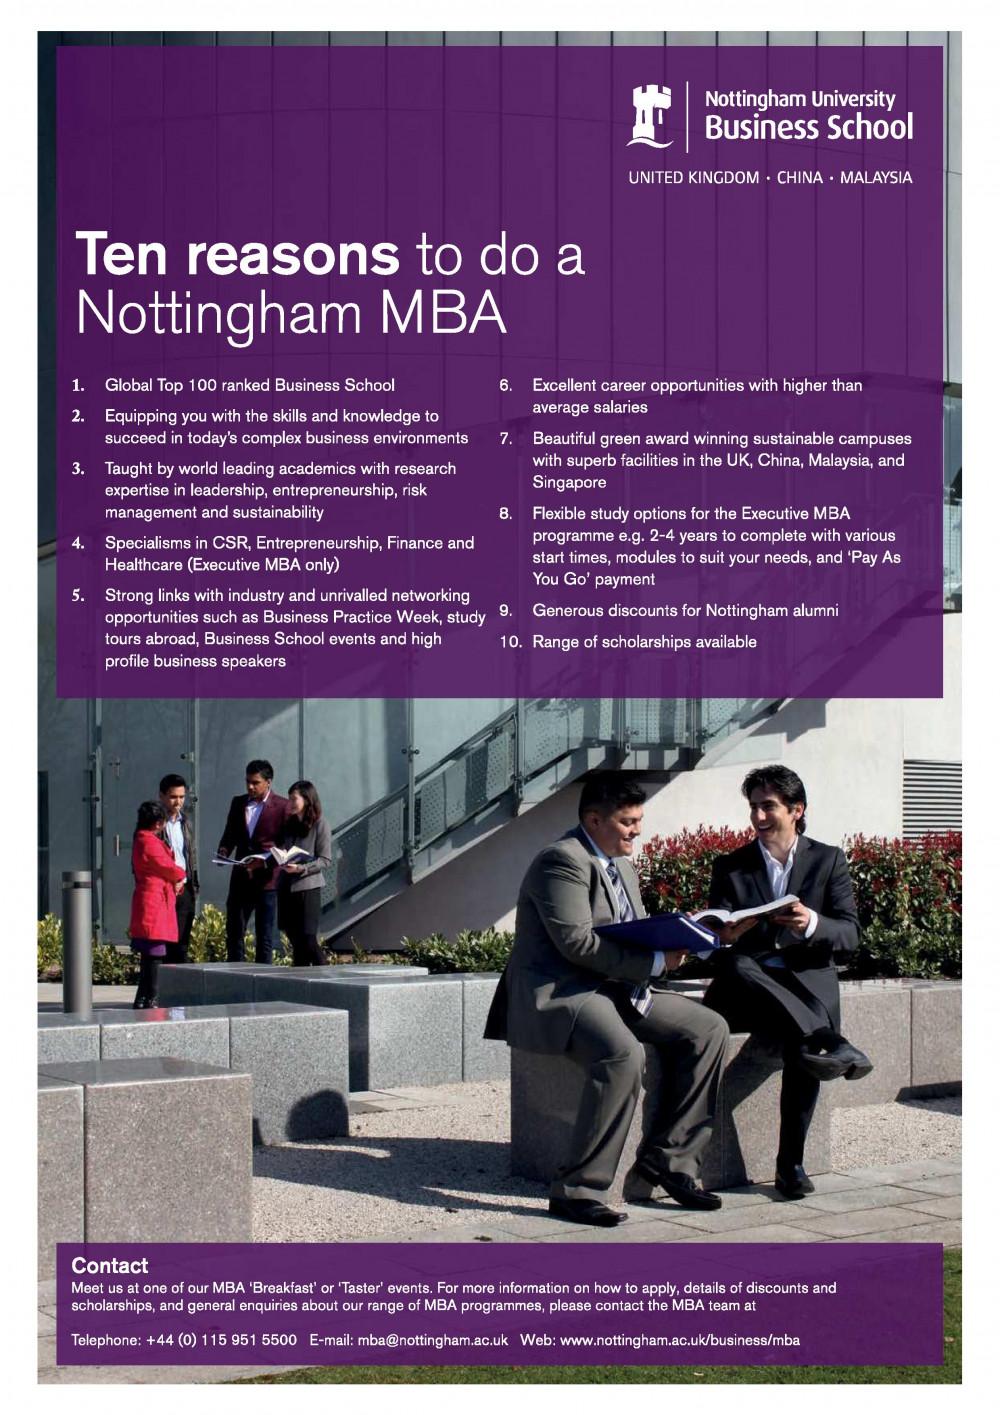 Nottingham MBA